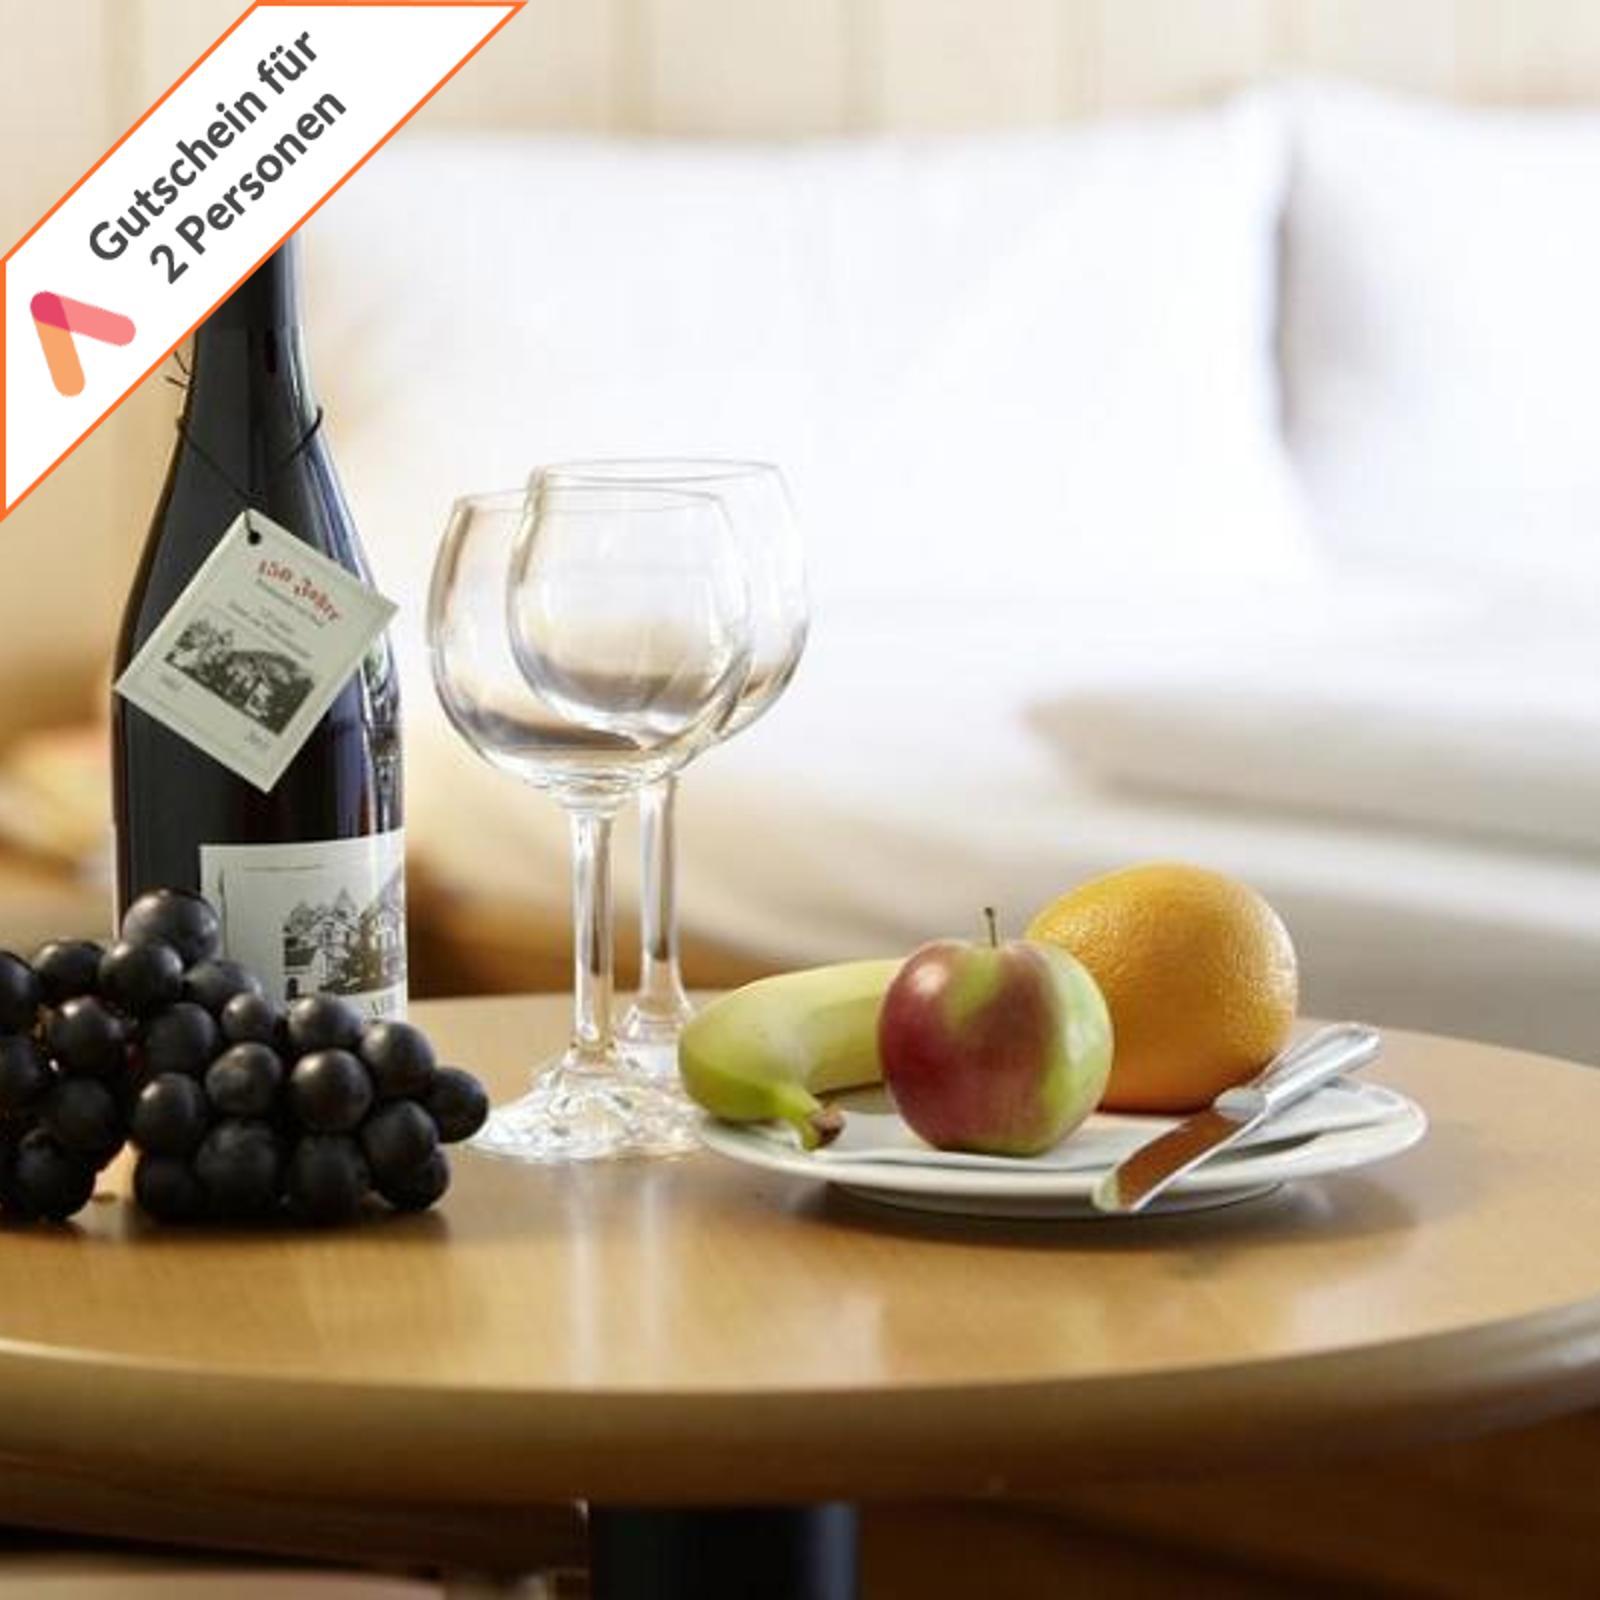 Kurzreise Ahrtal Eifel 5 Tage 3 Sterne Hotel für 2 Personen Wellness Gutschein